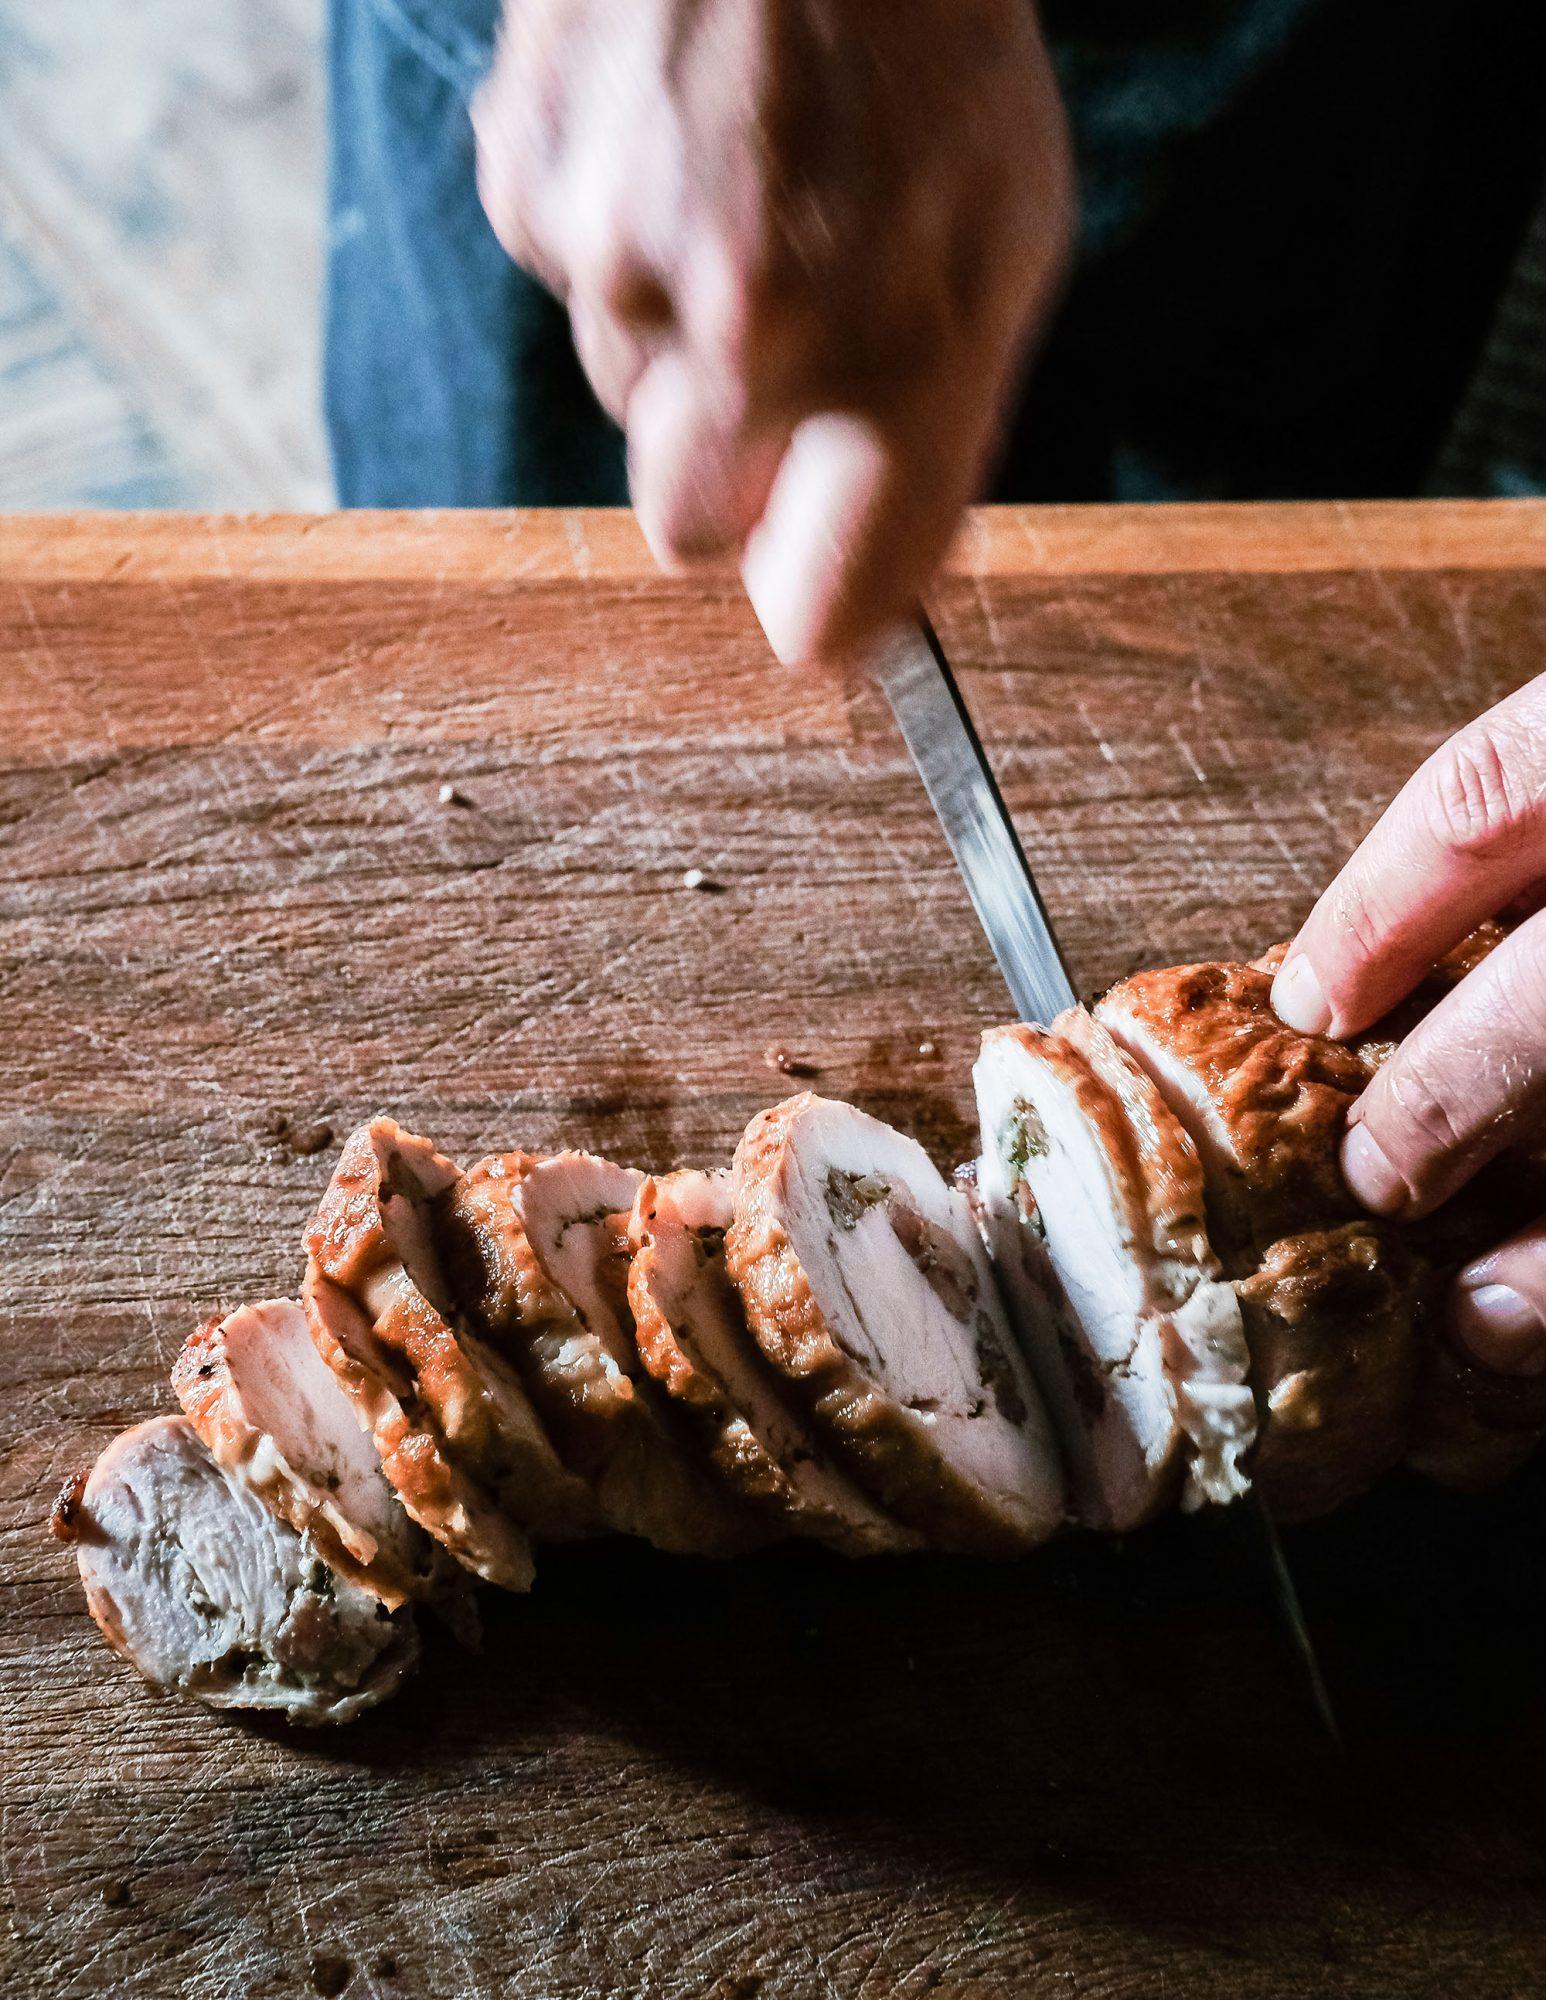 Porchetta-Style Roast Turkey